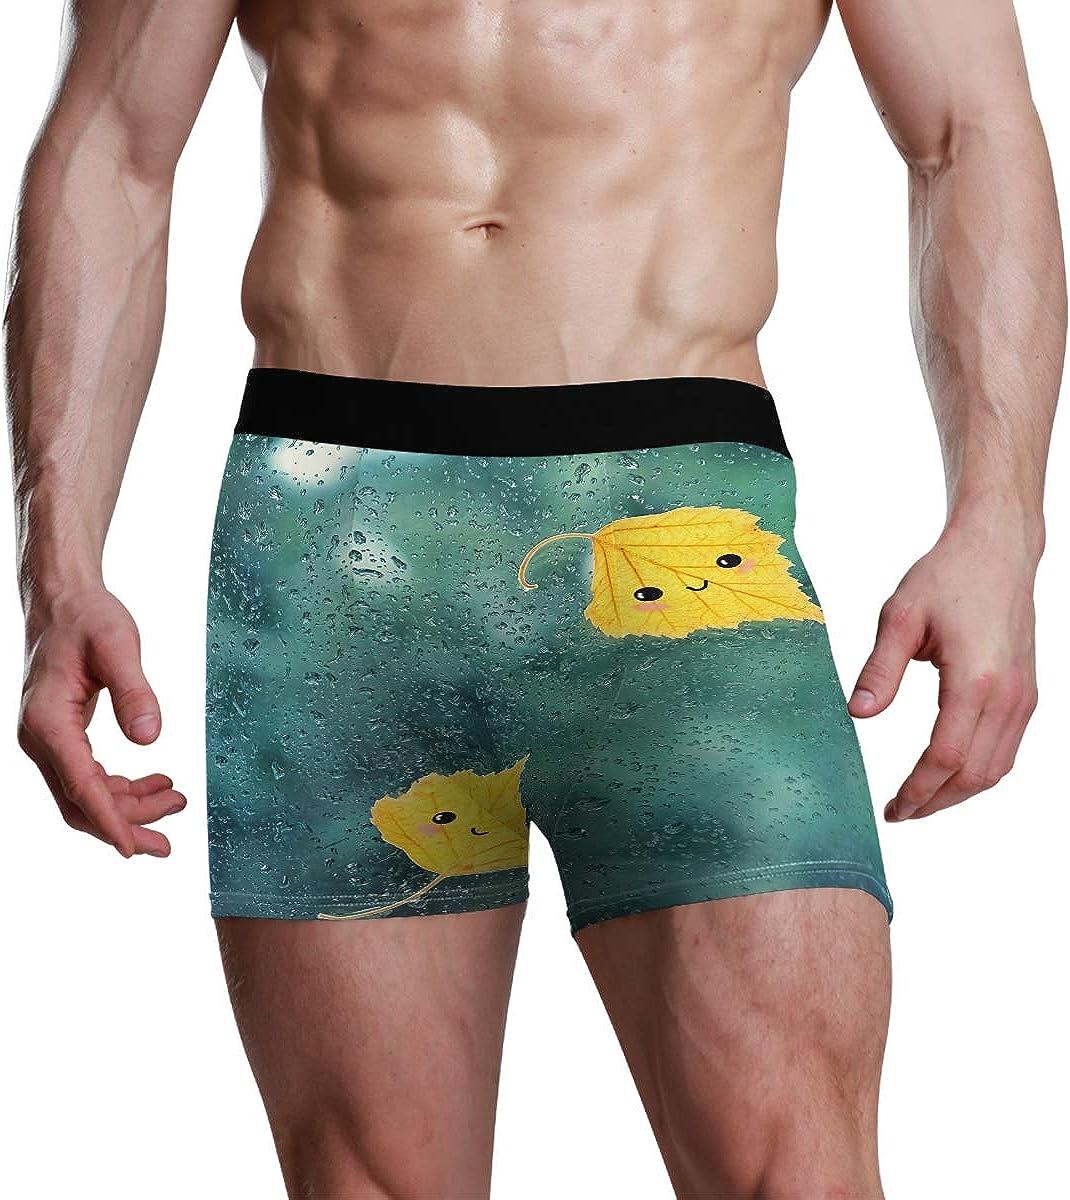 Mens Boxer Briefs Underwear Autumn Yellow Leaves On Wet Window Trunks Underwear Short Leg Boys